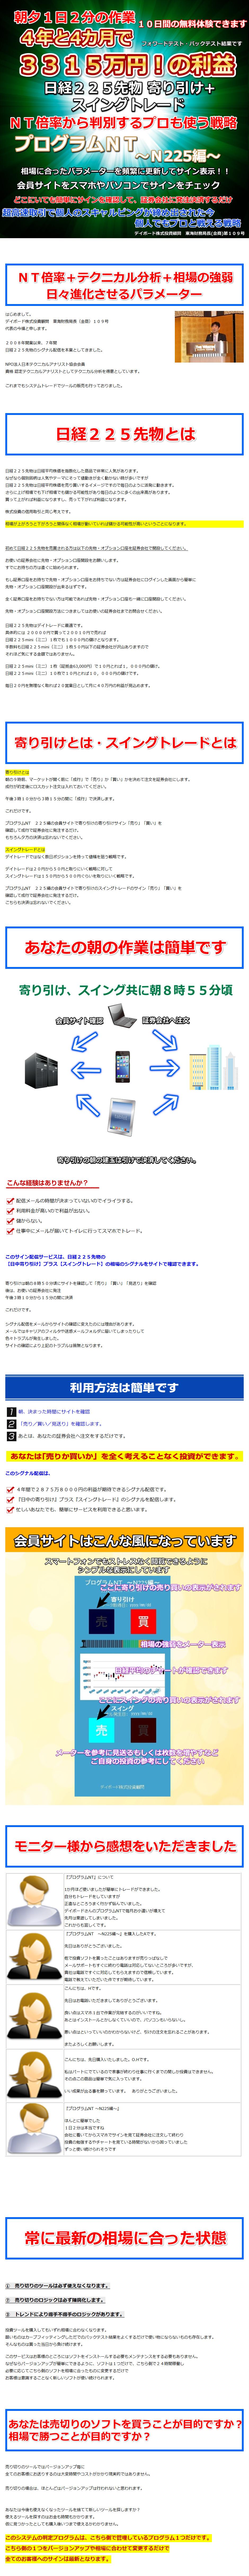 日経225先物寄り引け+スイングトレード【投資助言商品】1